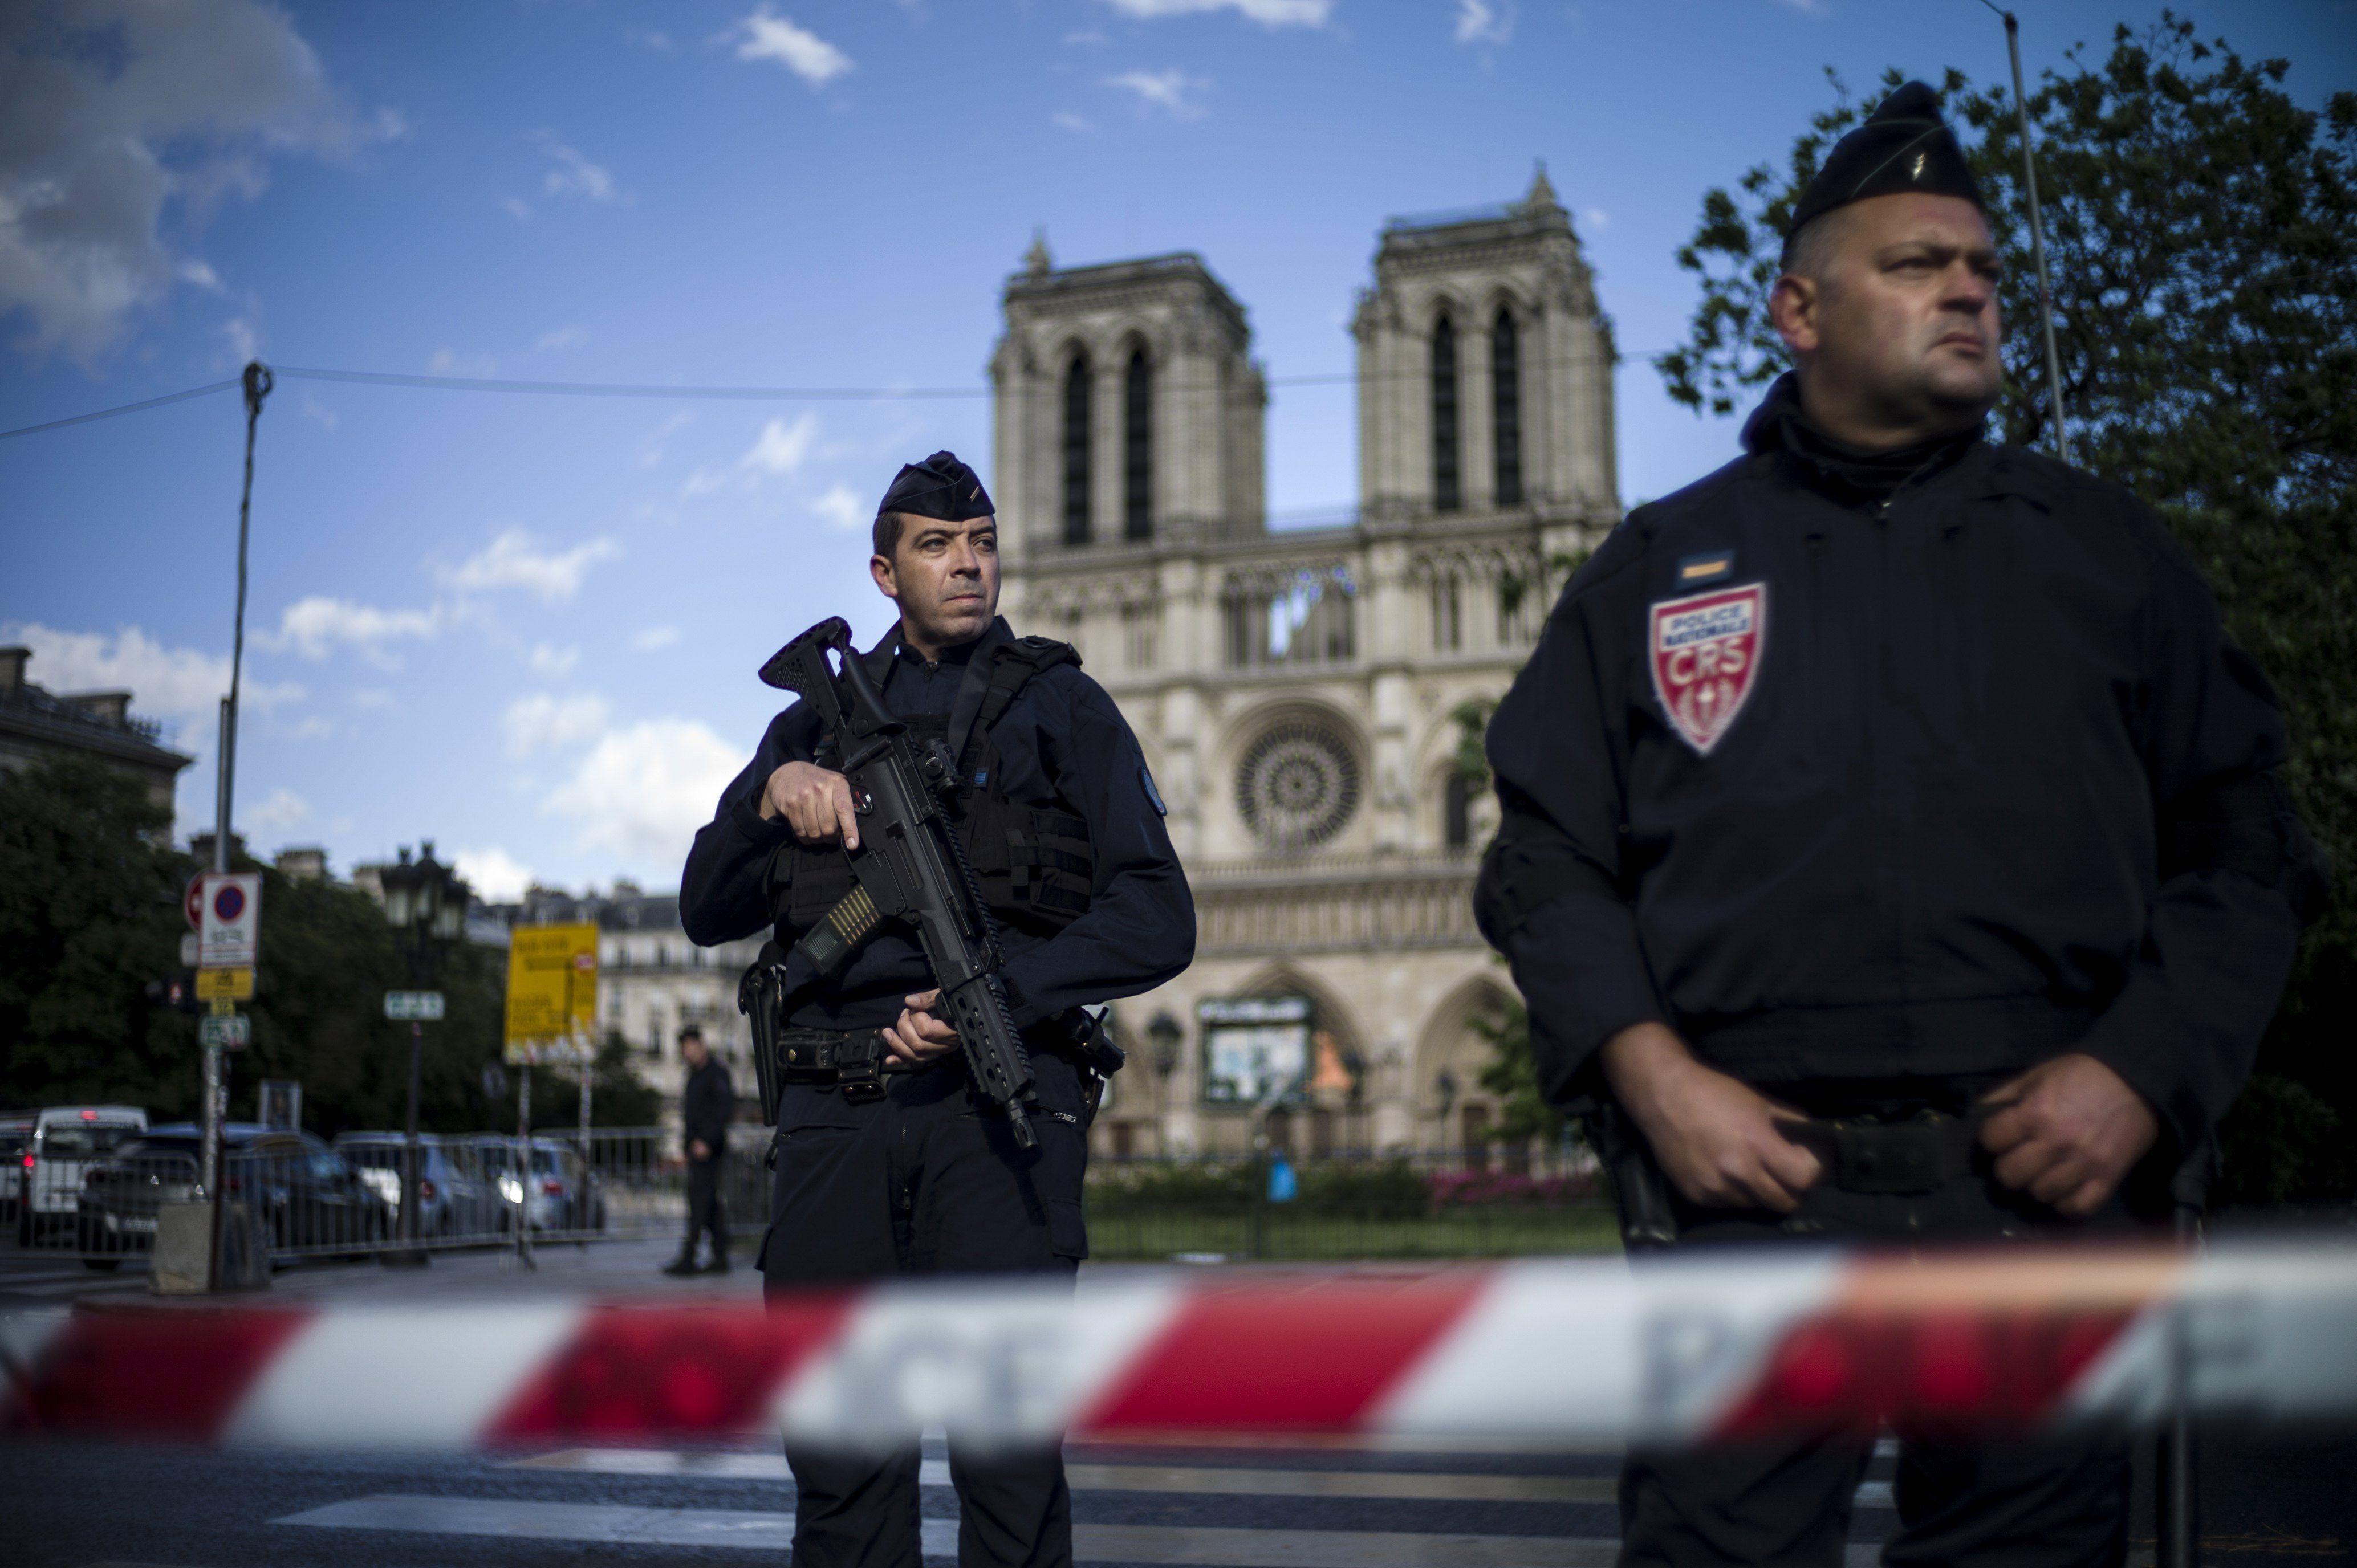 El atacante de Notre Dame dejó un video en el que dice pertenecer a ISIS